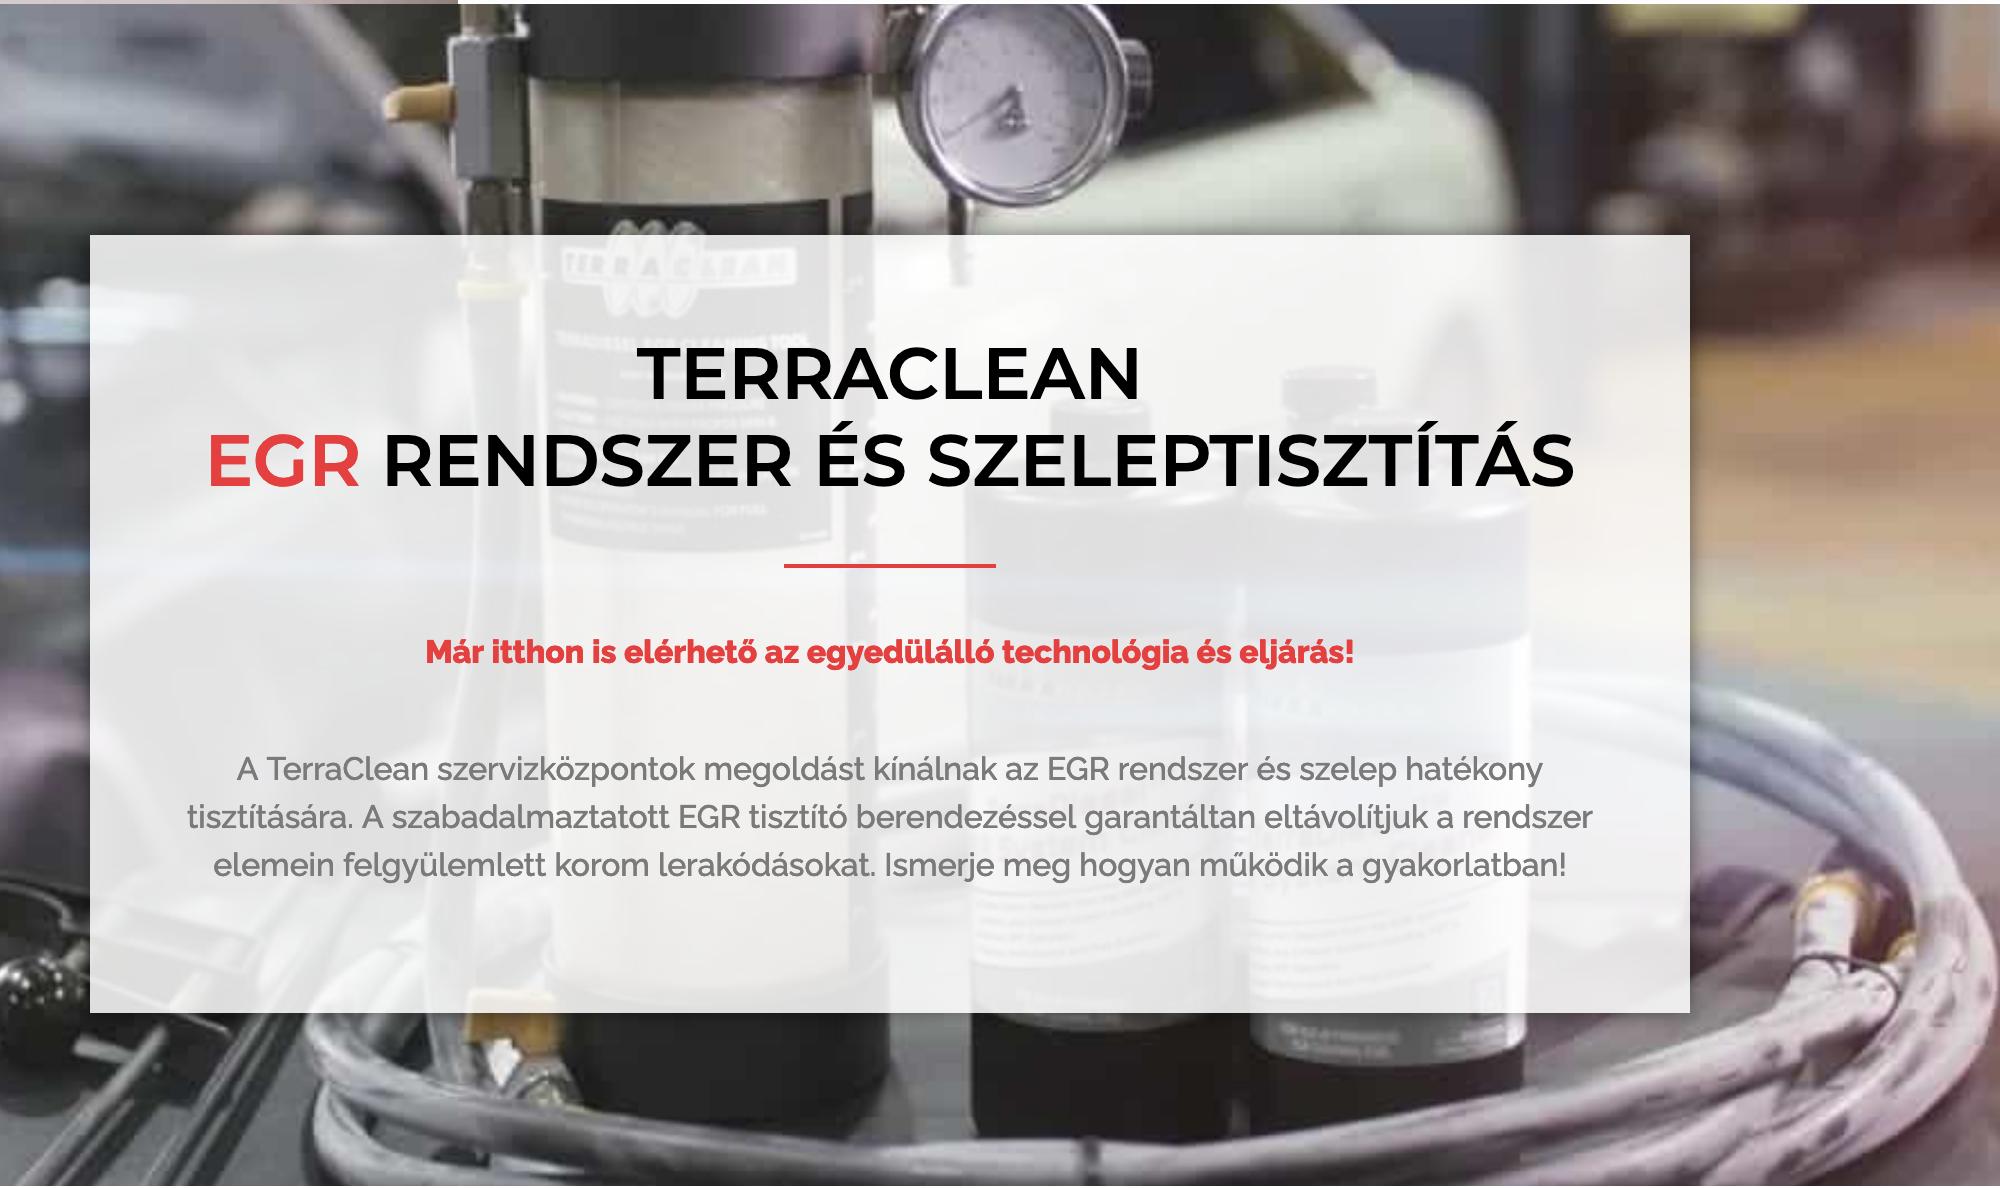 terraclean egr tisztítás